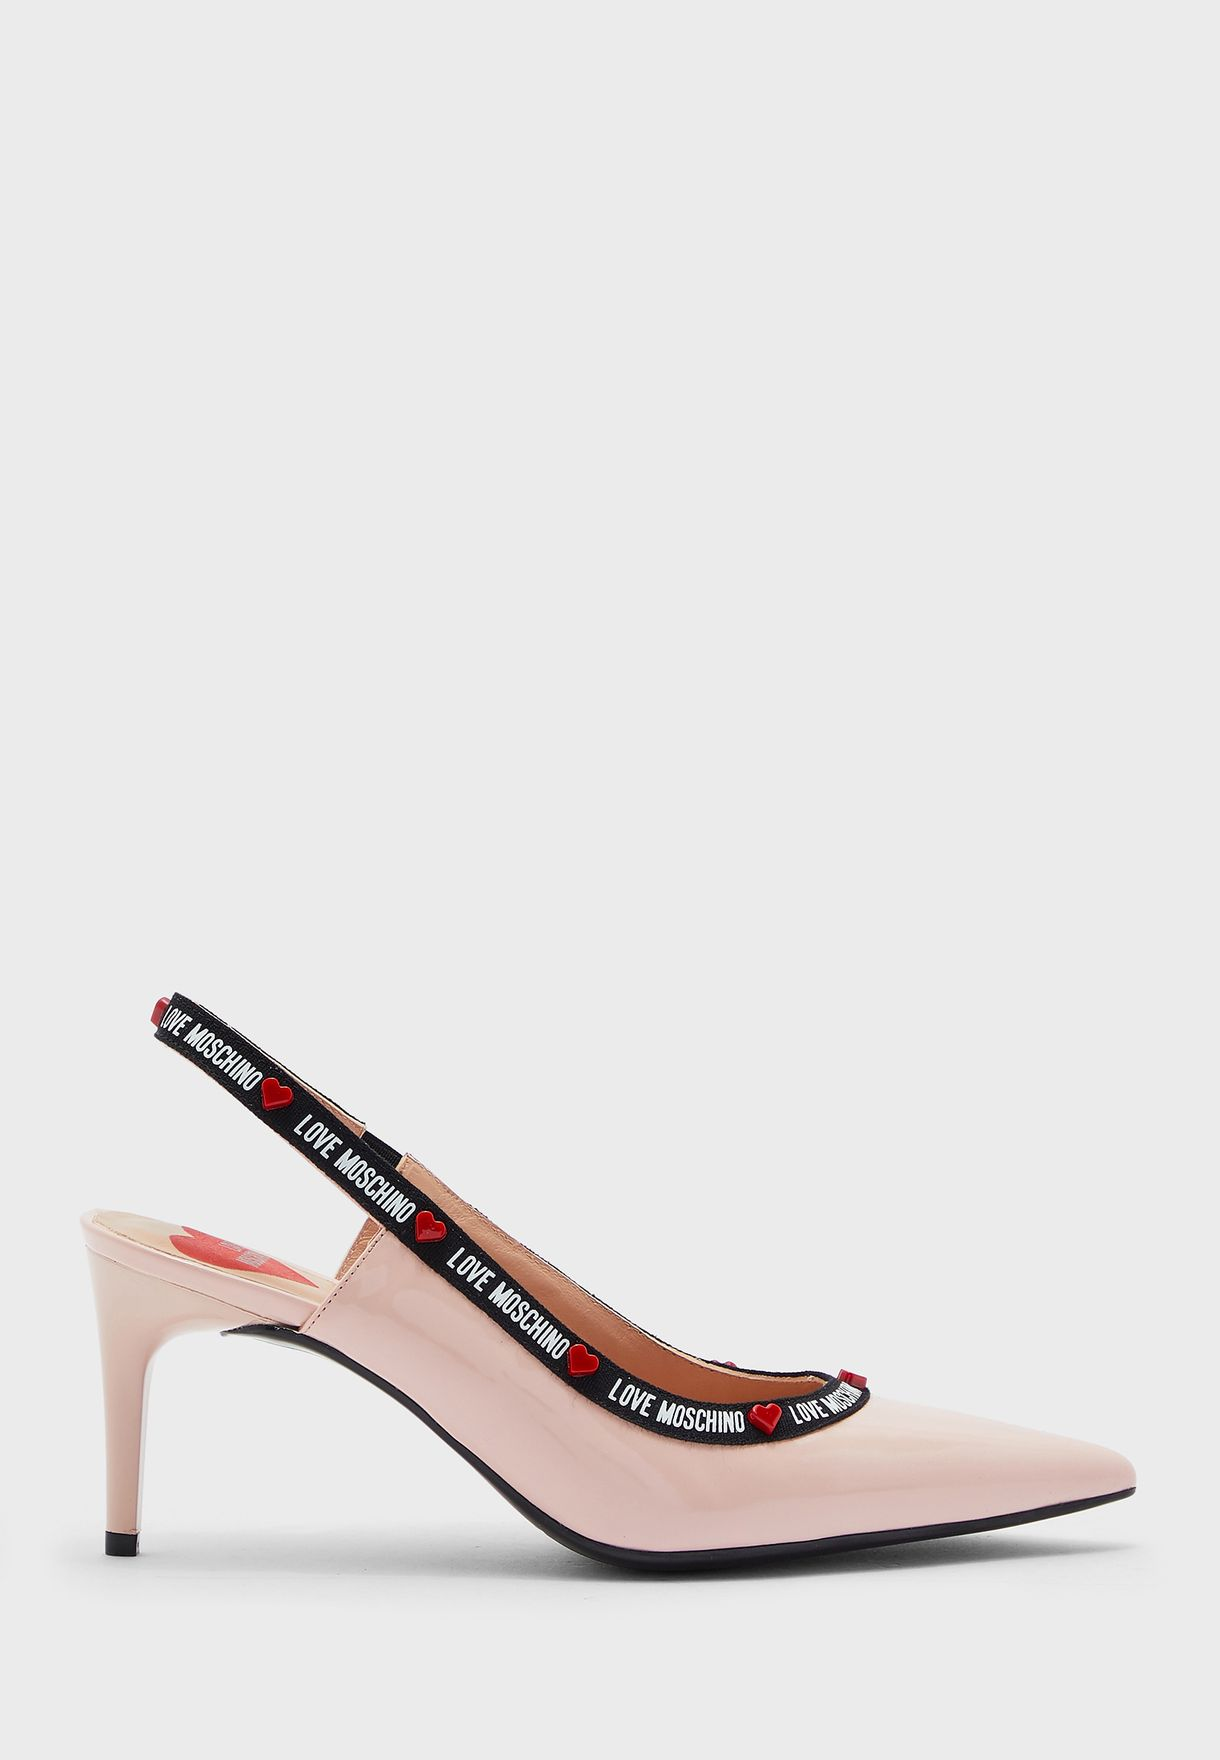 حذاء واسع بكعب عالي مع سير كاحل